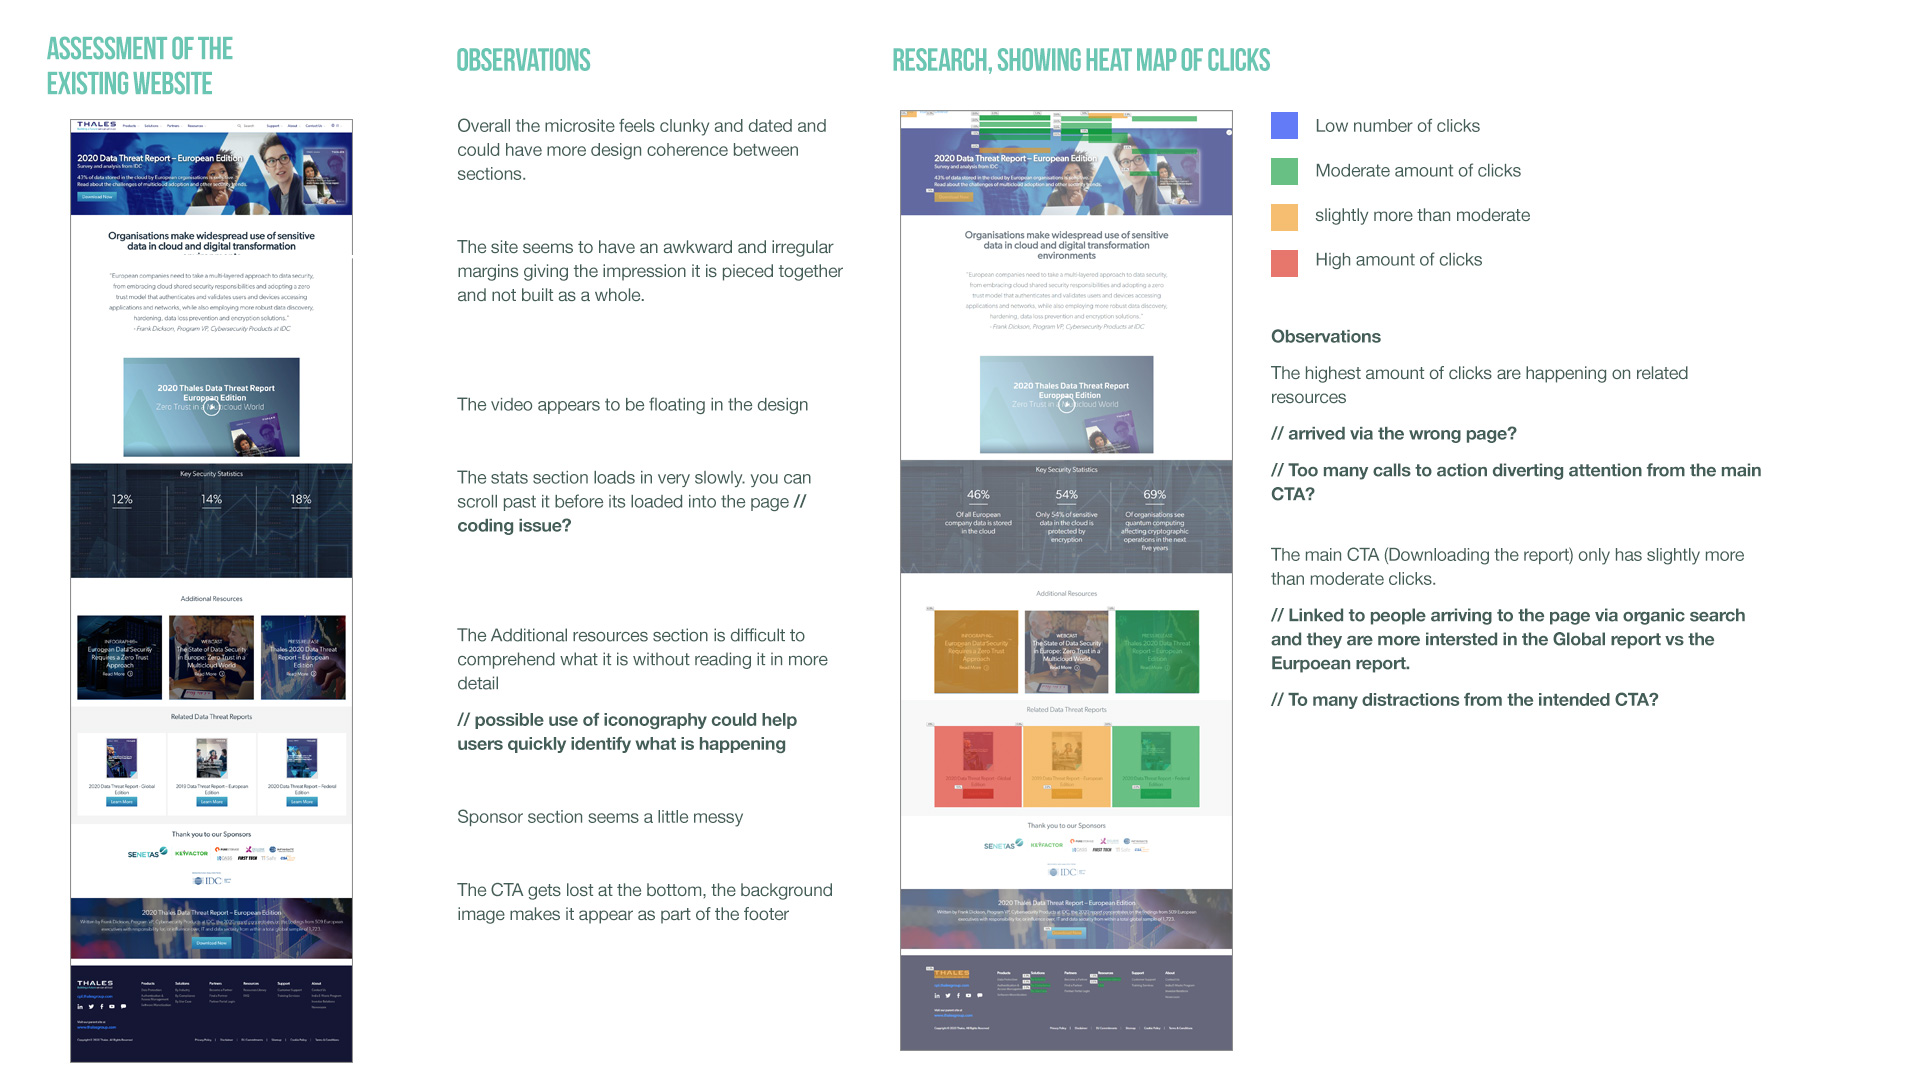 UX audit of website - observations